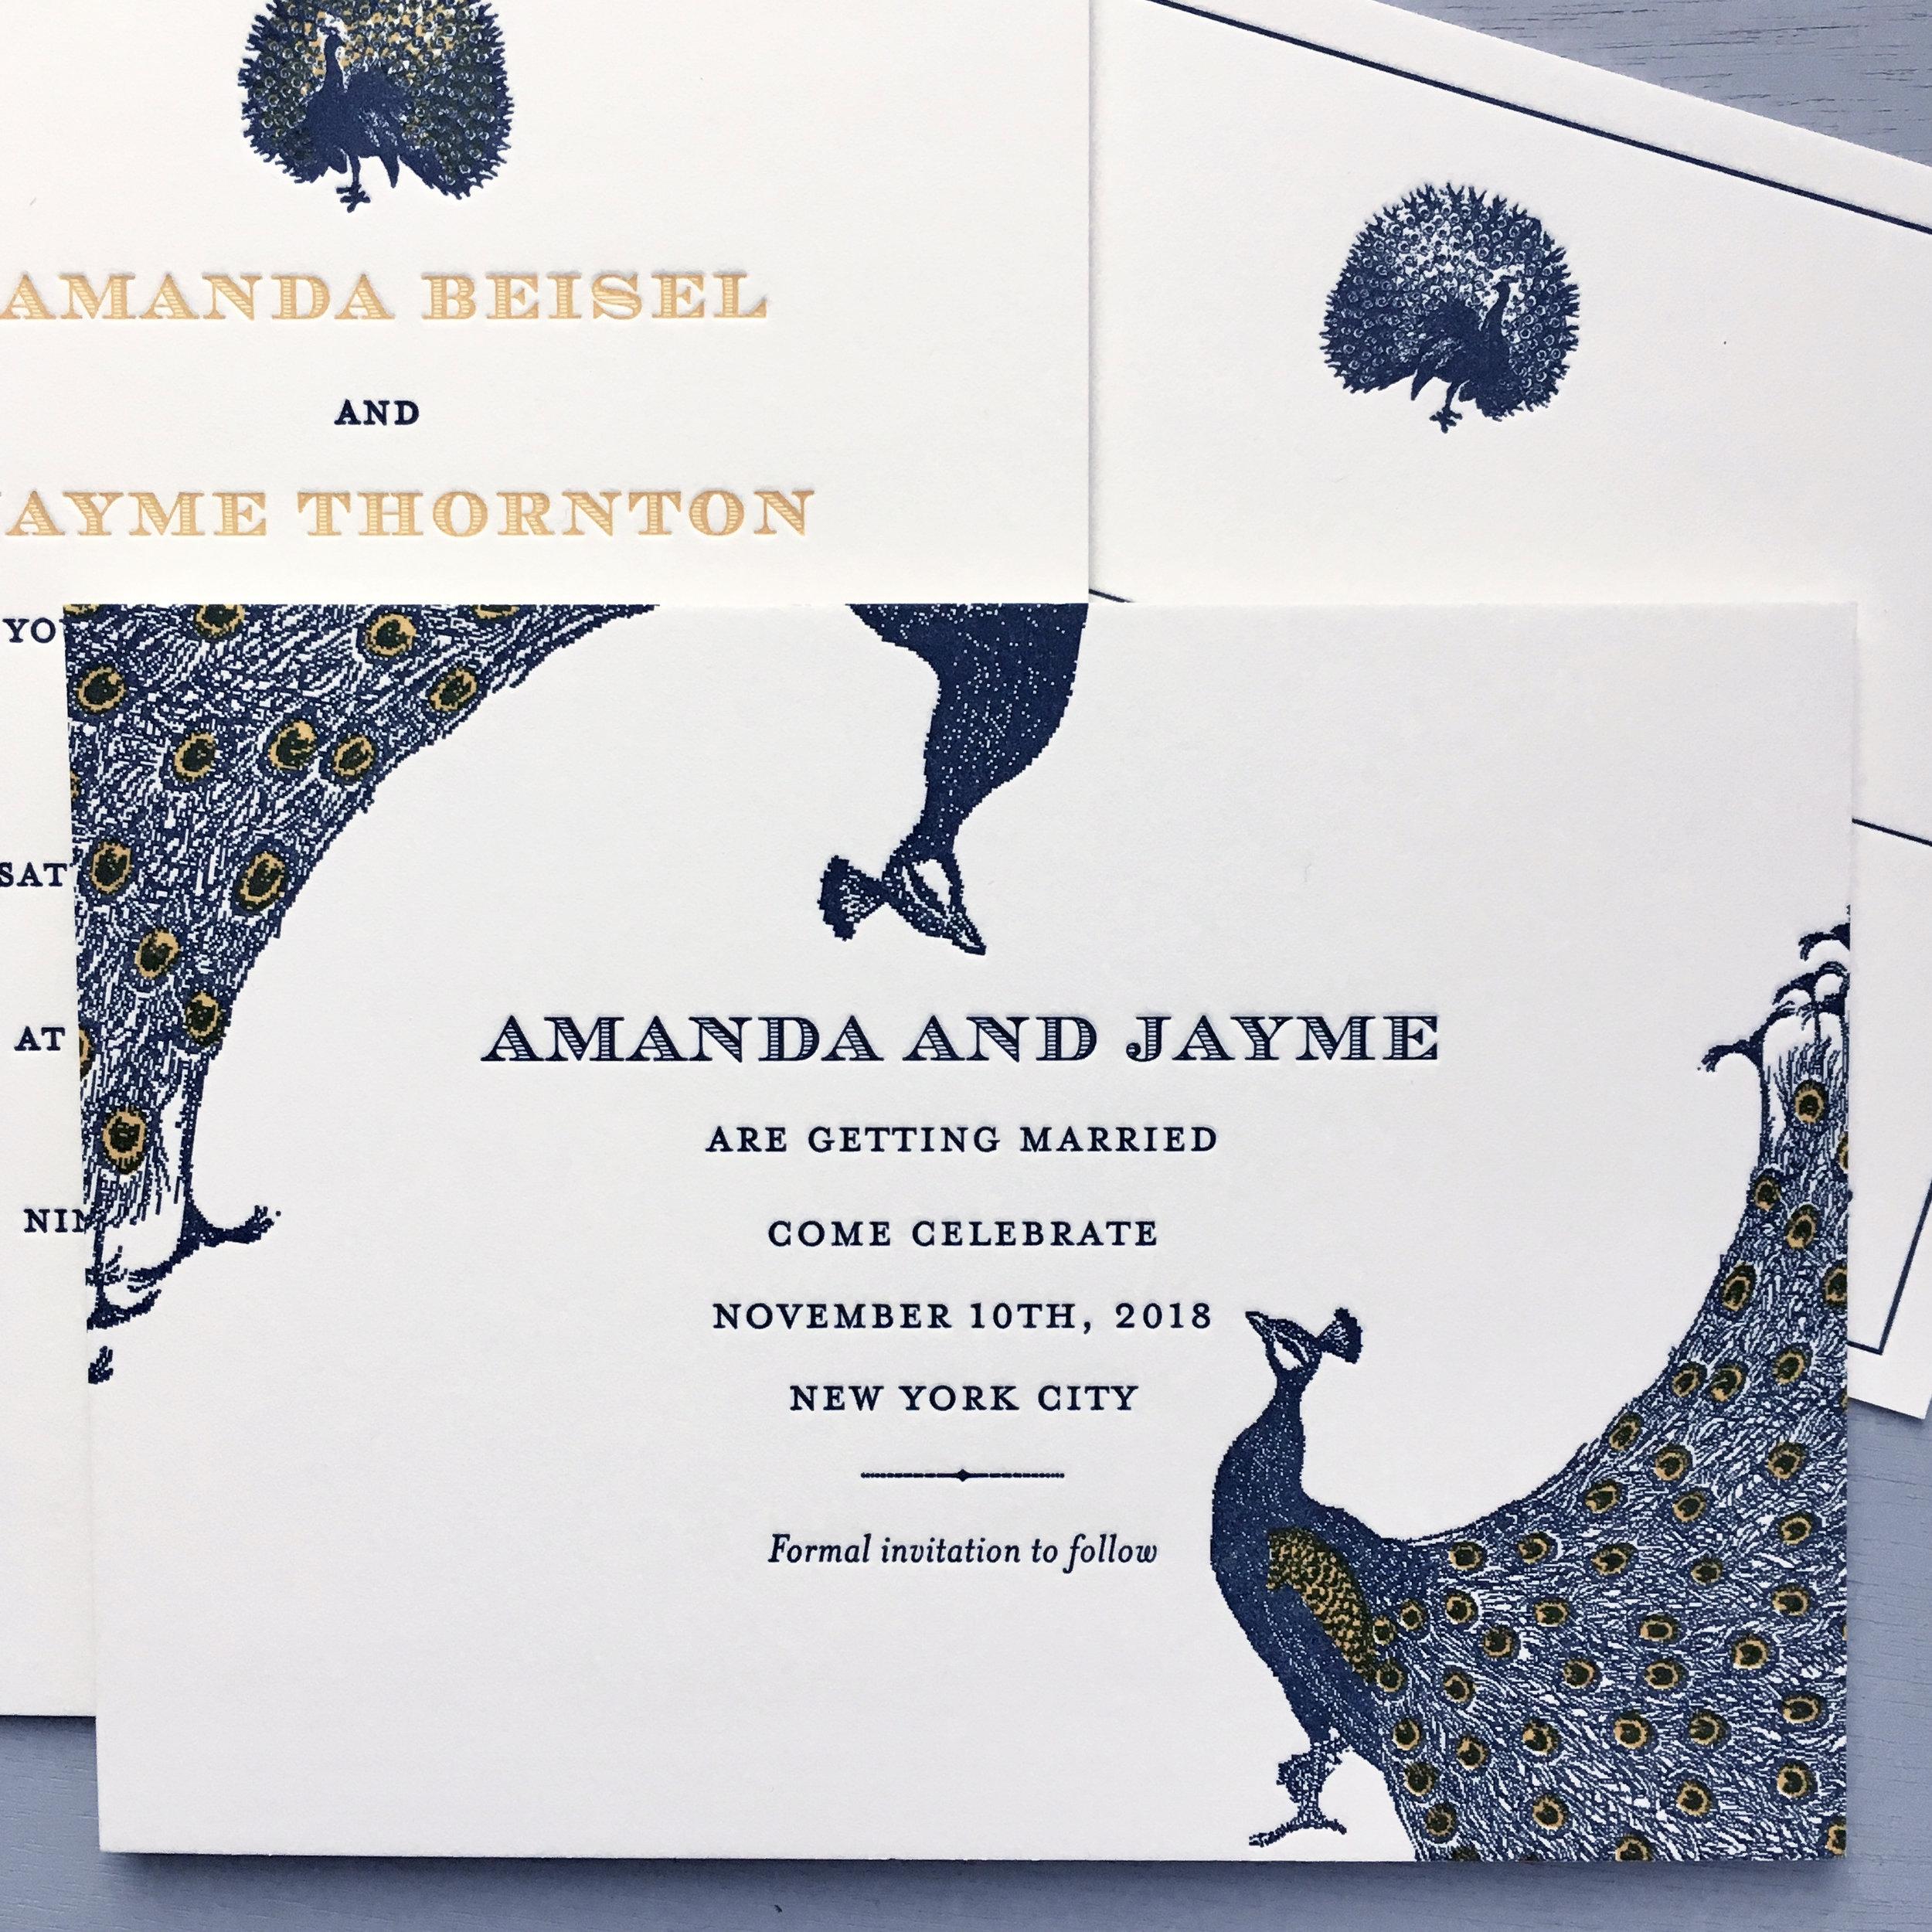 Save_Date_Peacock_Amanda&Jayme1.jpg